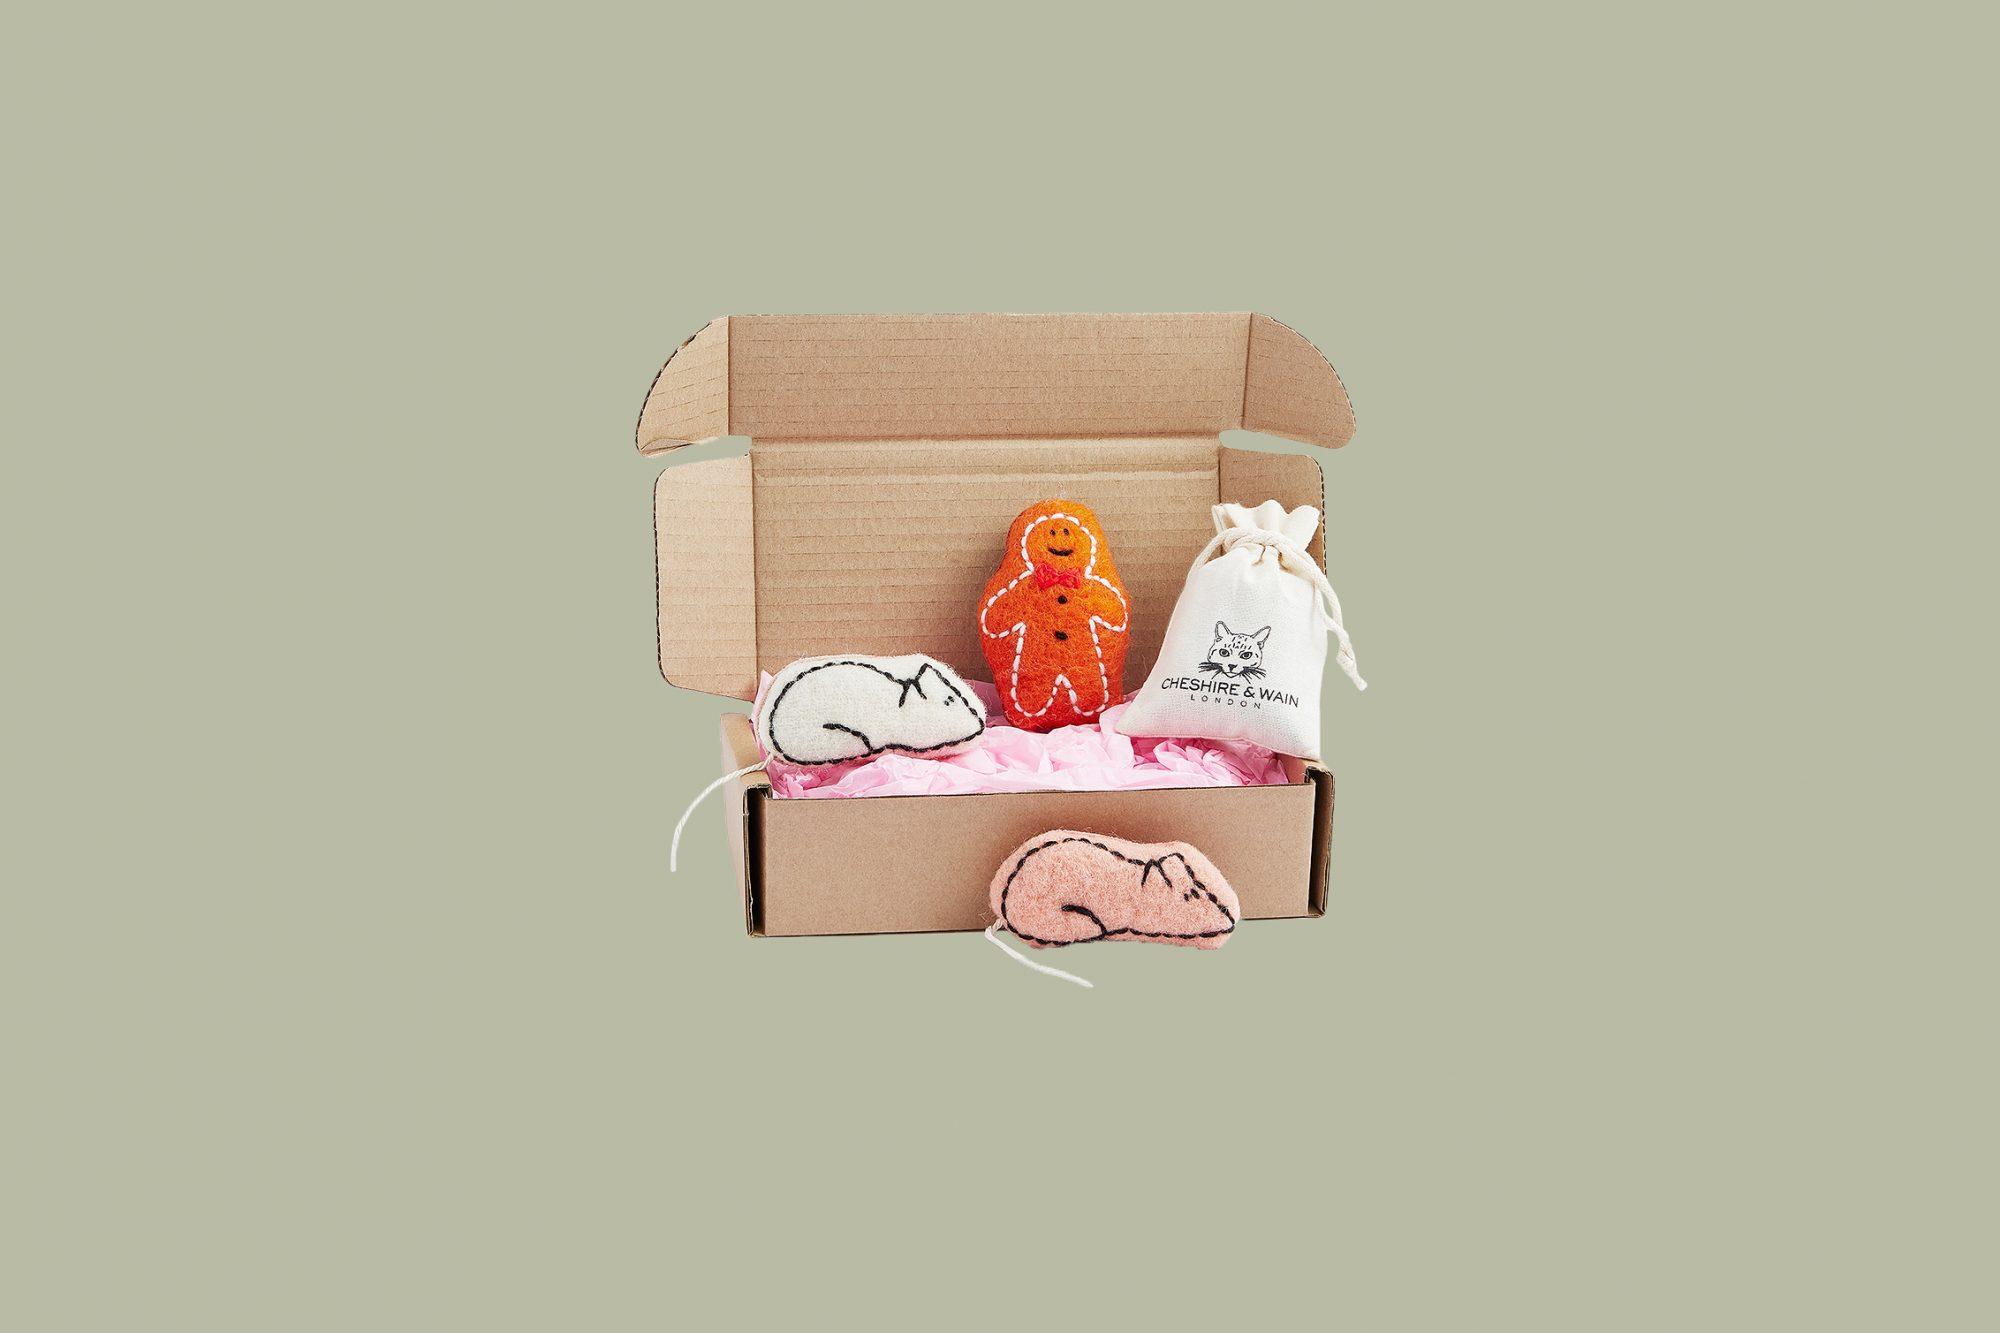 """Cheshire & Wain """"Sweet Tooth"""" Catnip Gift Box"""